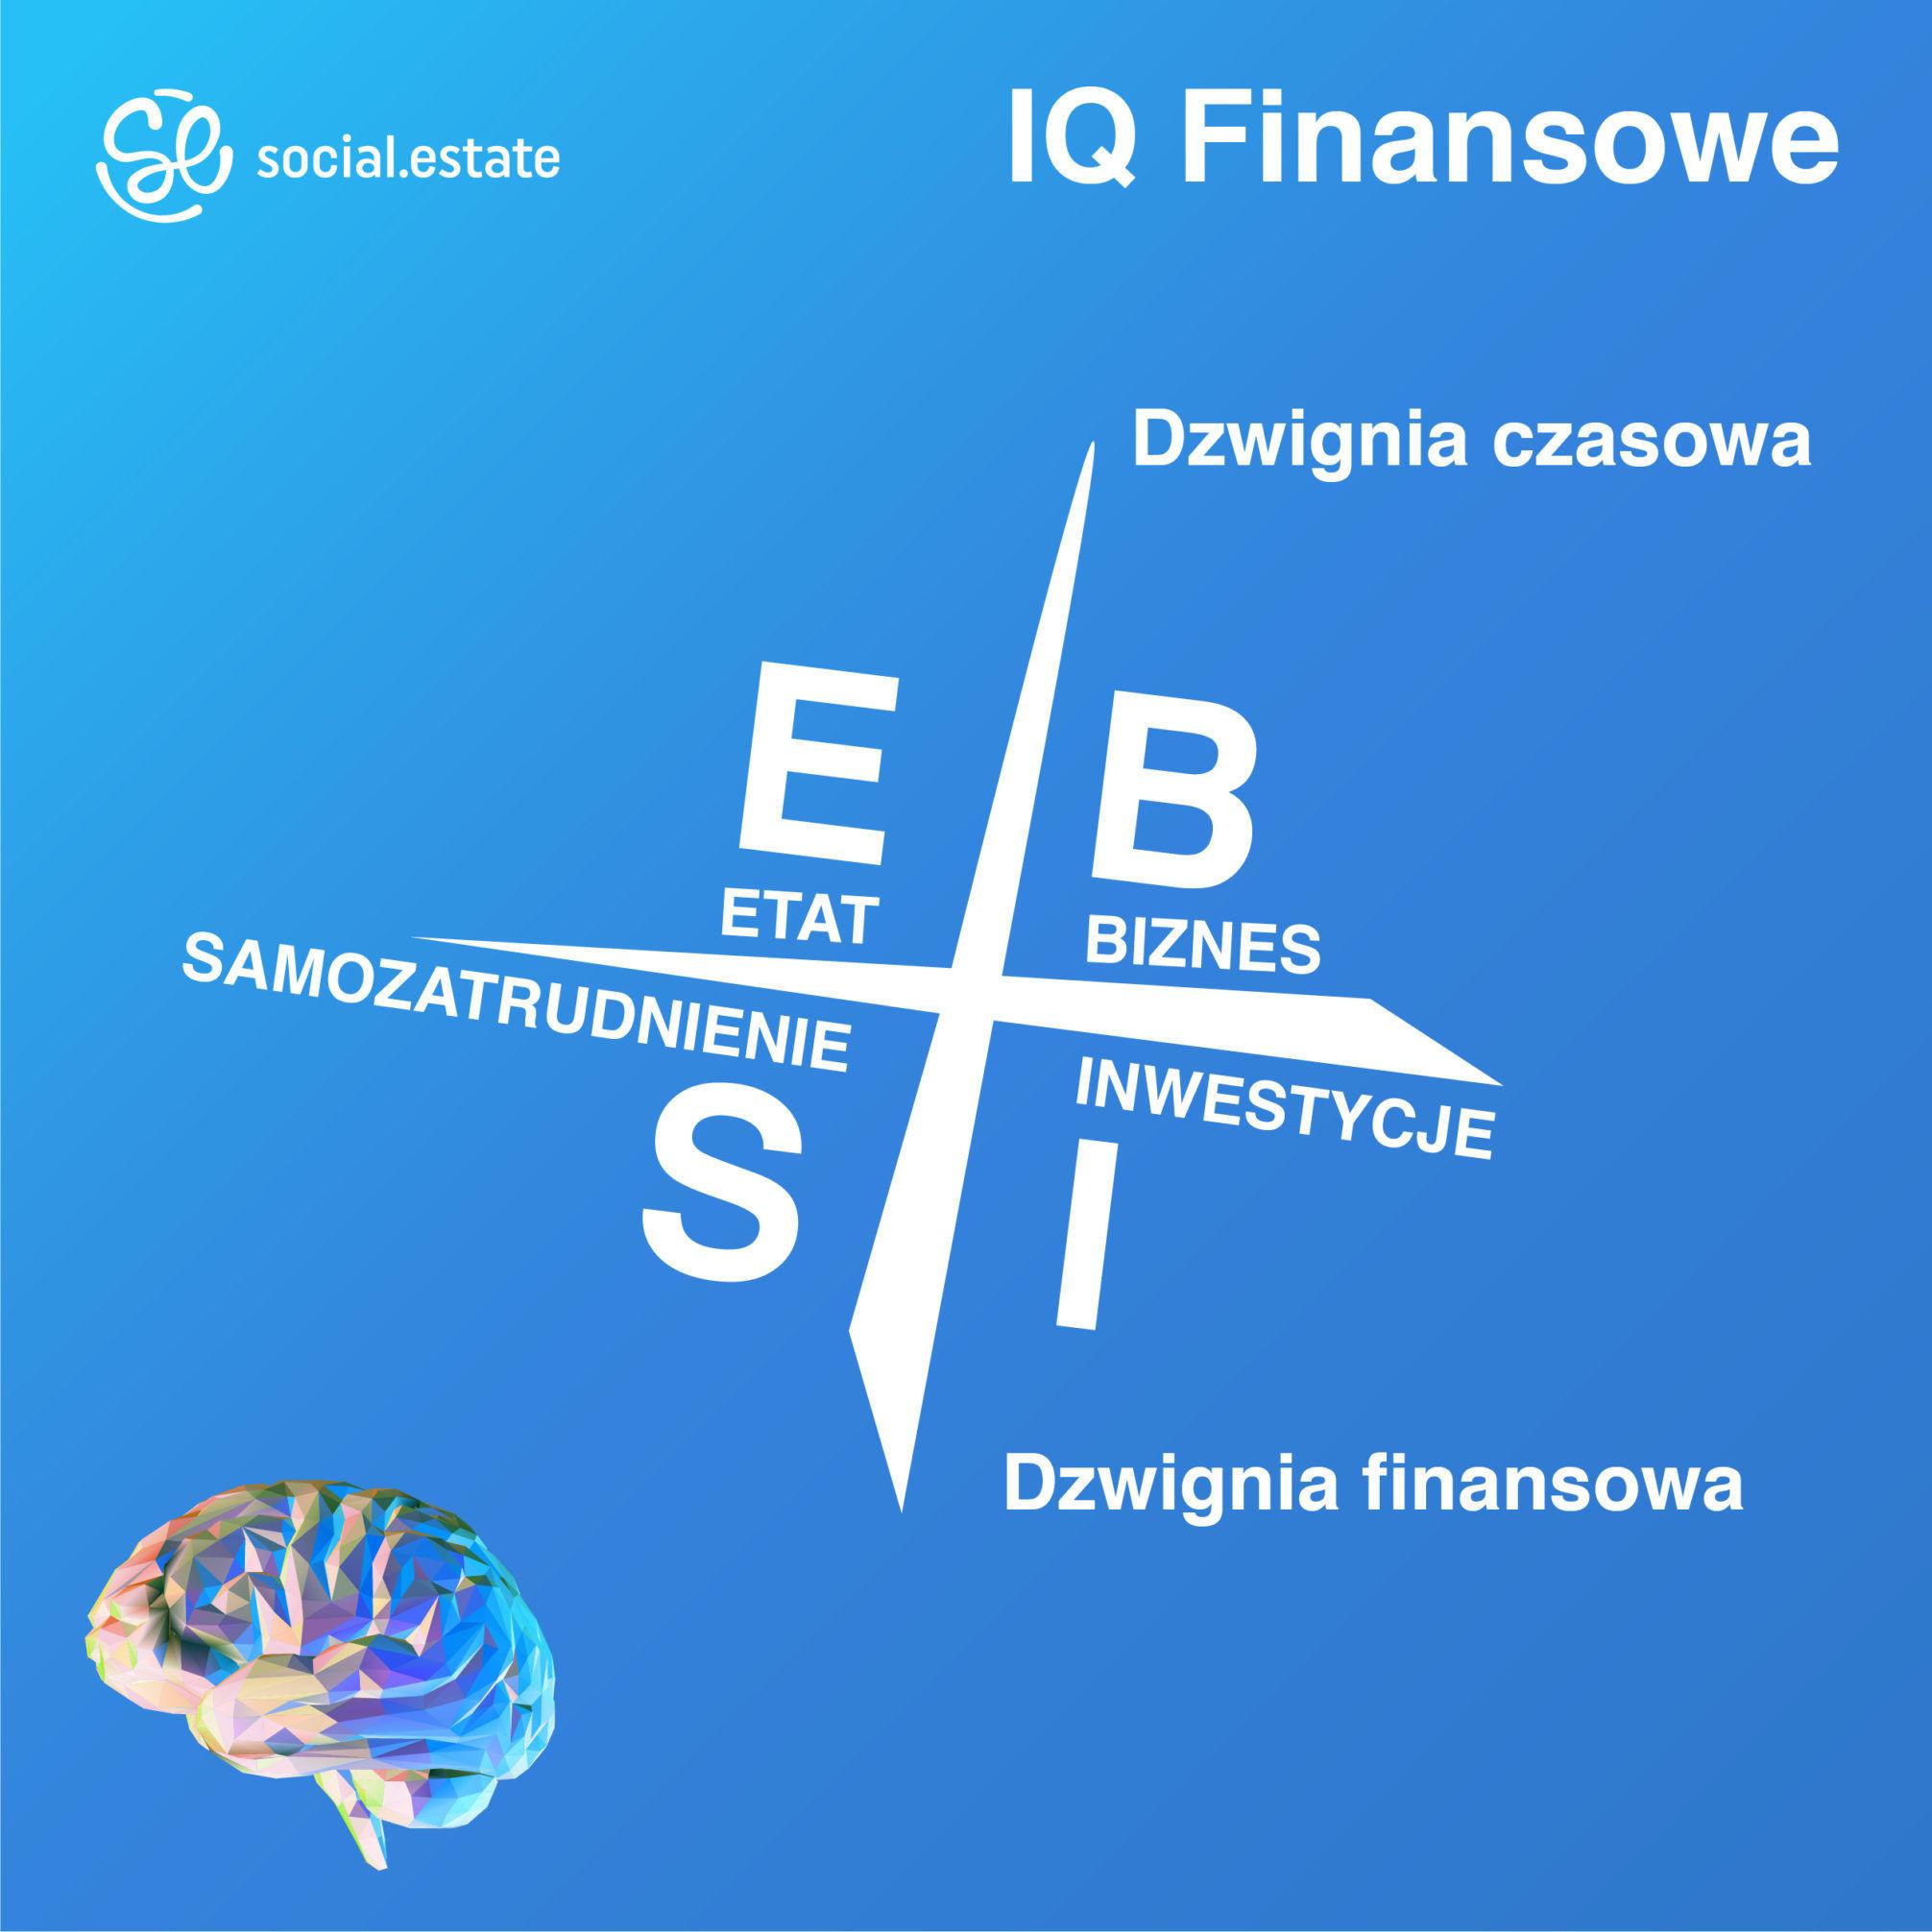 Inteligencja finansowa - jak podnieść finansowe IQ?